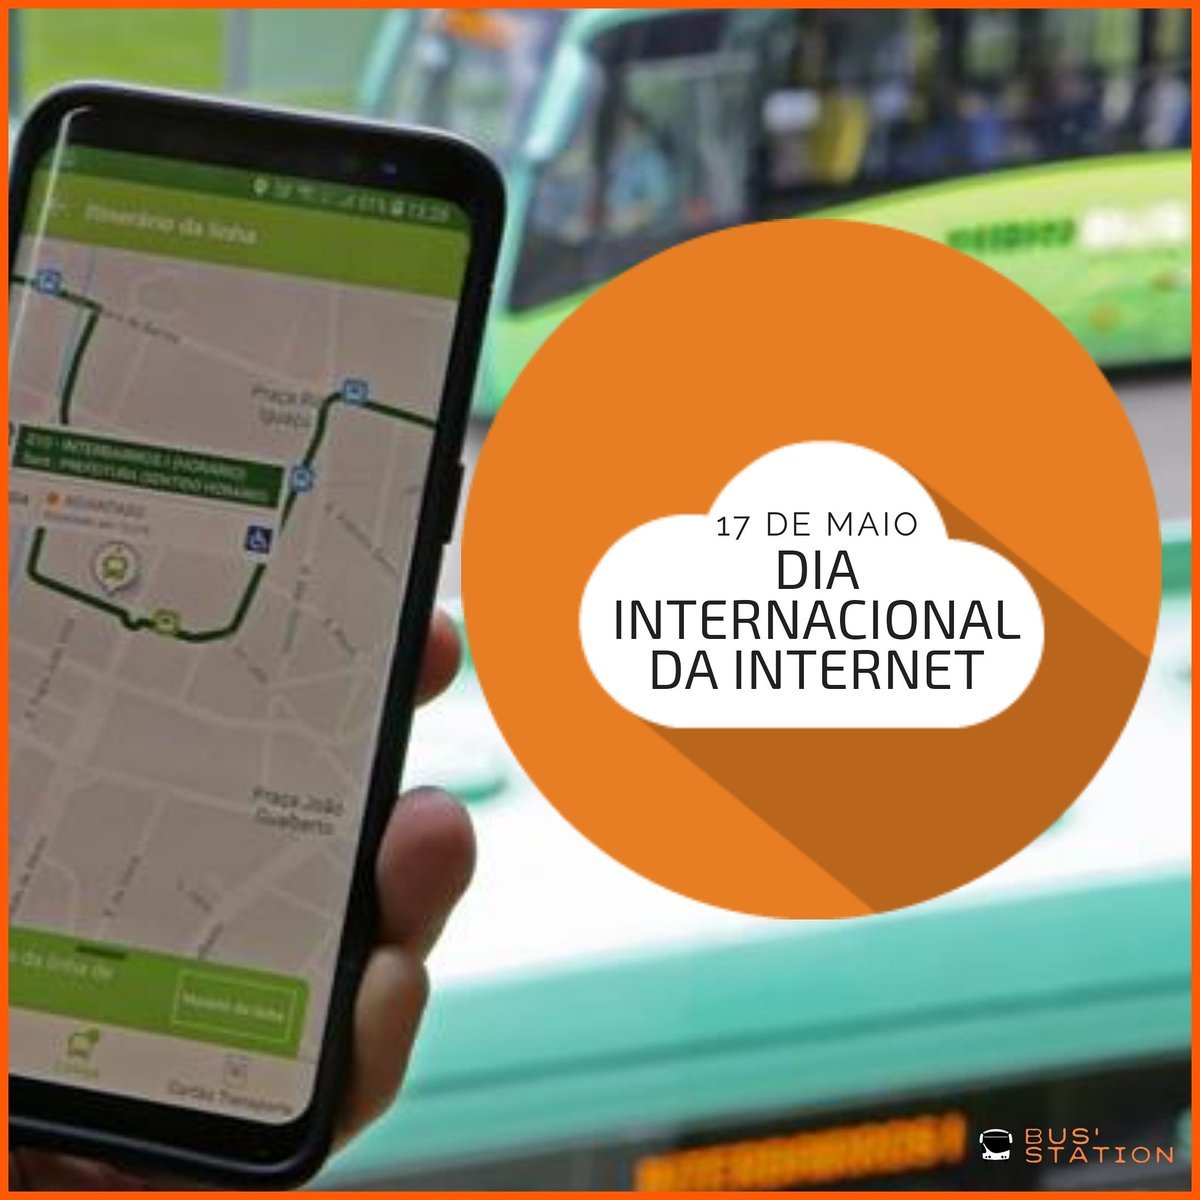 A Bus'Station fornece para os clientes do transporte coletivo internet Wi-Fi criando inclusão digital e por isso comemora nos hoje dia 17 de maio ODia da Internet. 🚍💬🌎🛰📲💻🚌 #busstationcuritiba #busstation #diadainternetsegura #wifigratis #bus #onibus #wifi #internet https://t.co/QzOPylaspR